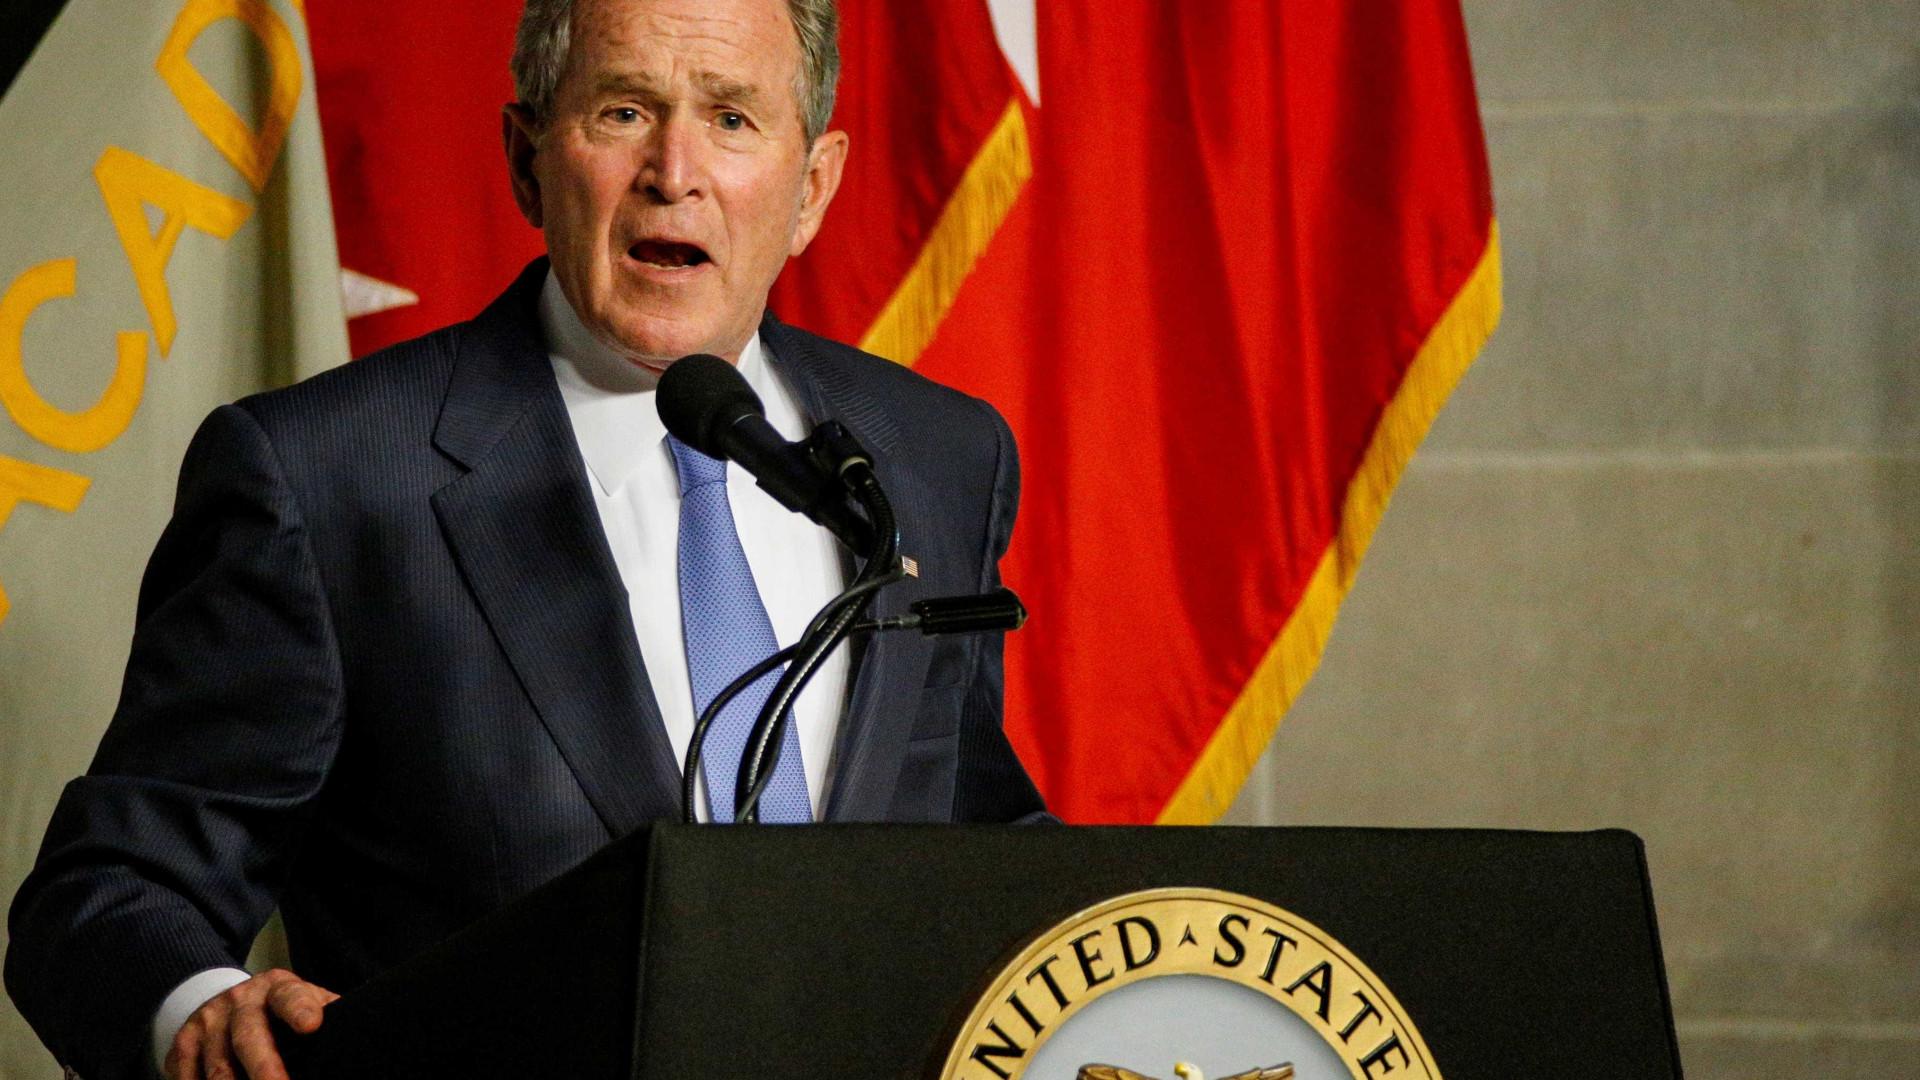 Em indireta a Trump, George W. Bush critica nacionalismo e intolerância